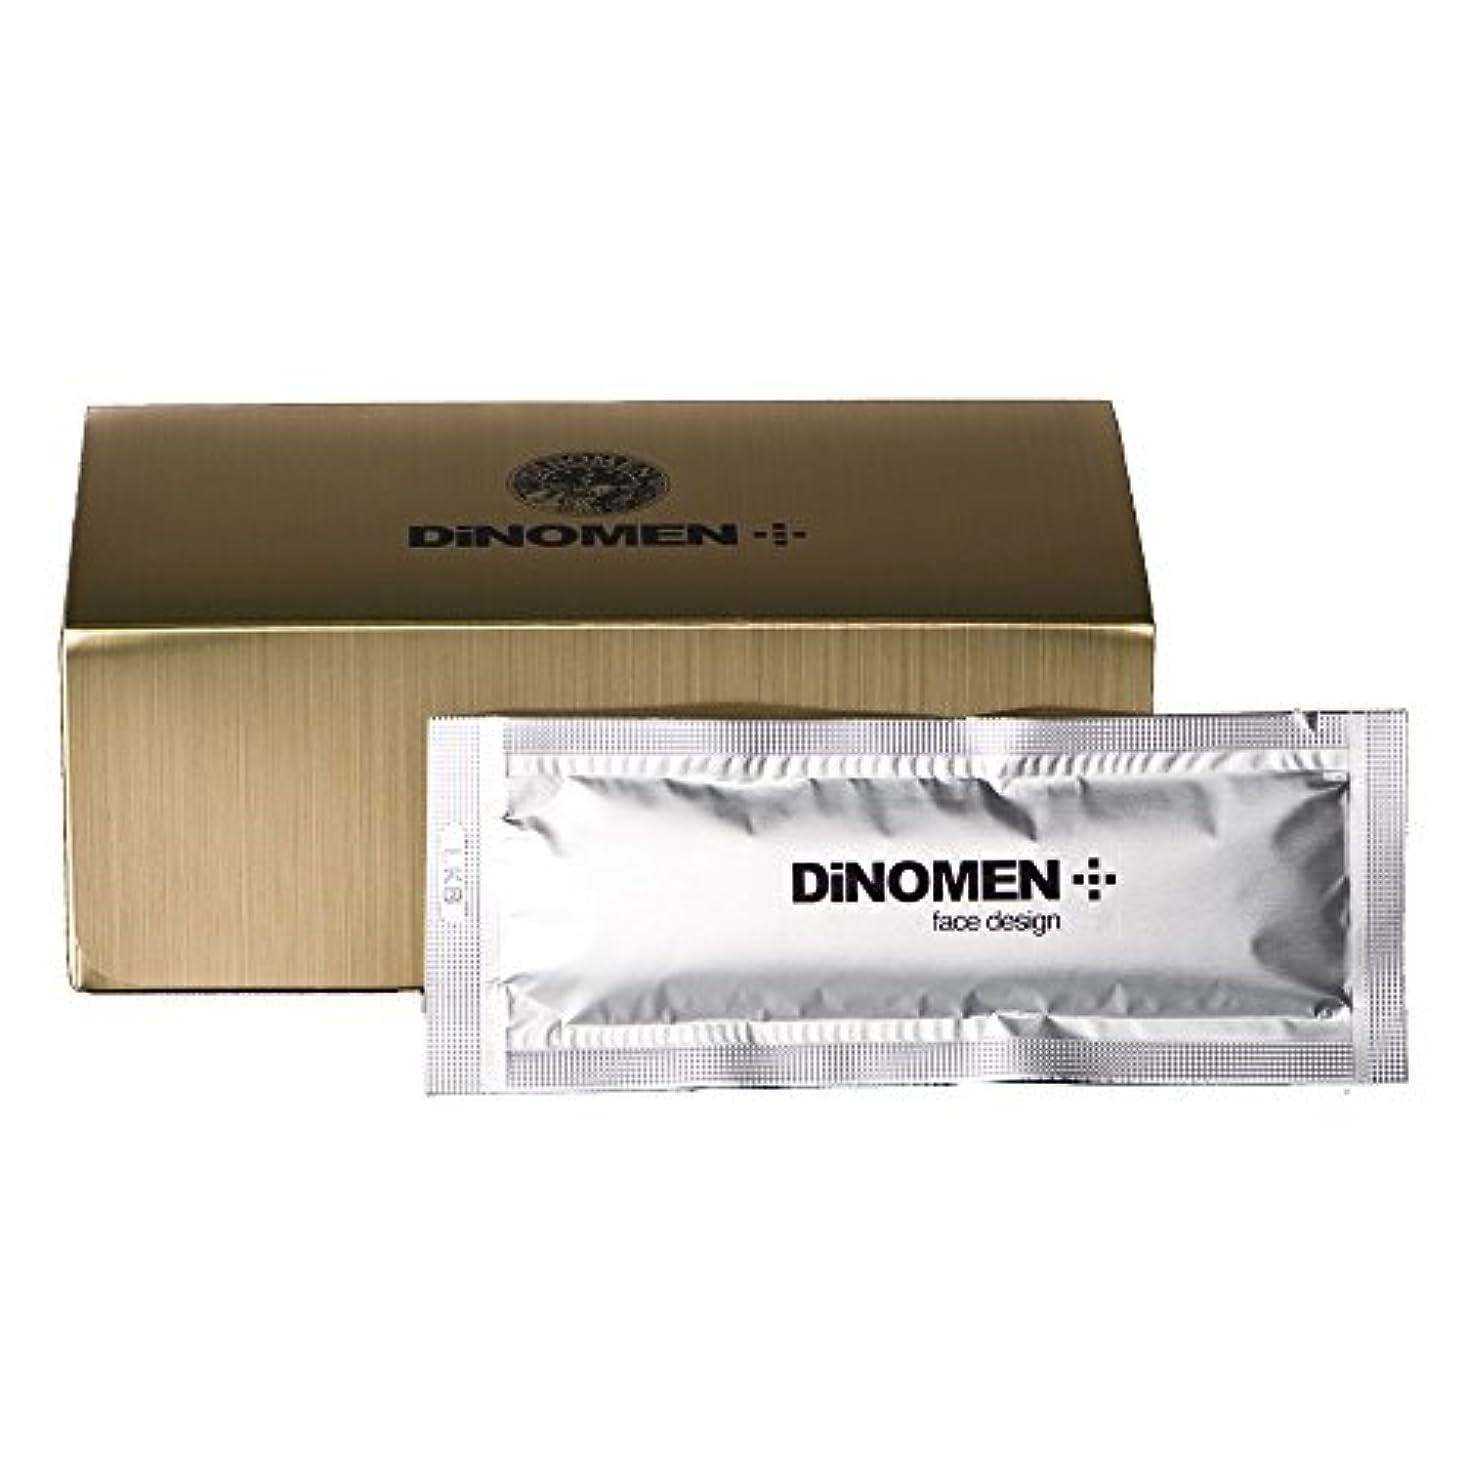 表面警察署市長DiNOMEN バブリングジェル 10包入 炭酸発泡パック 男性化粧品